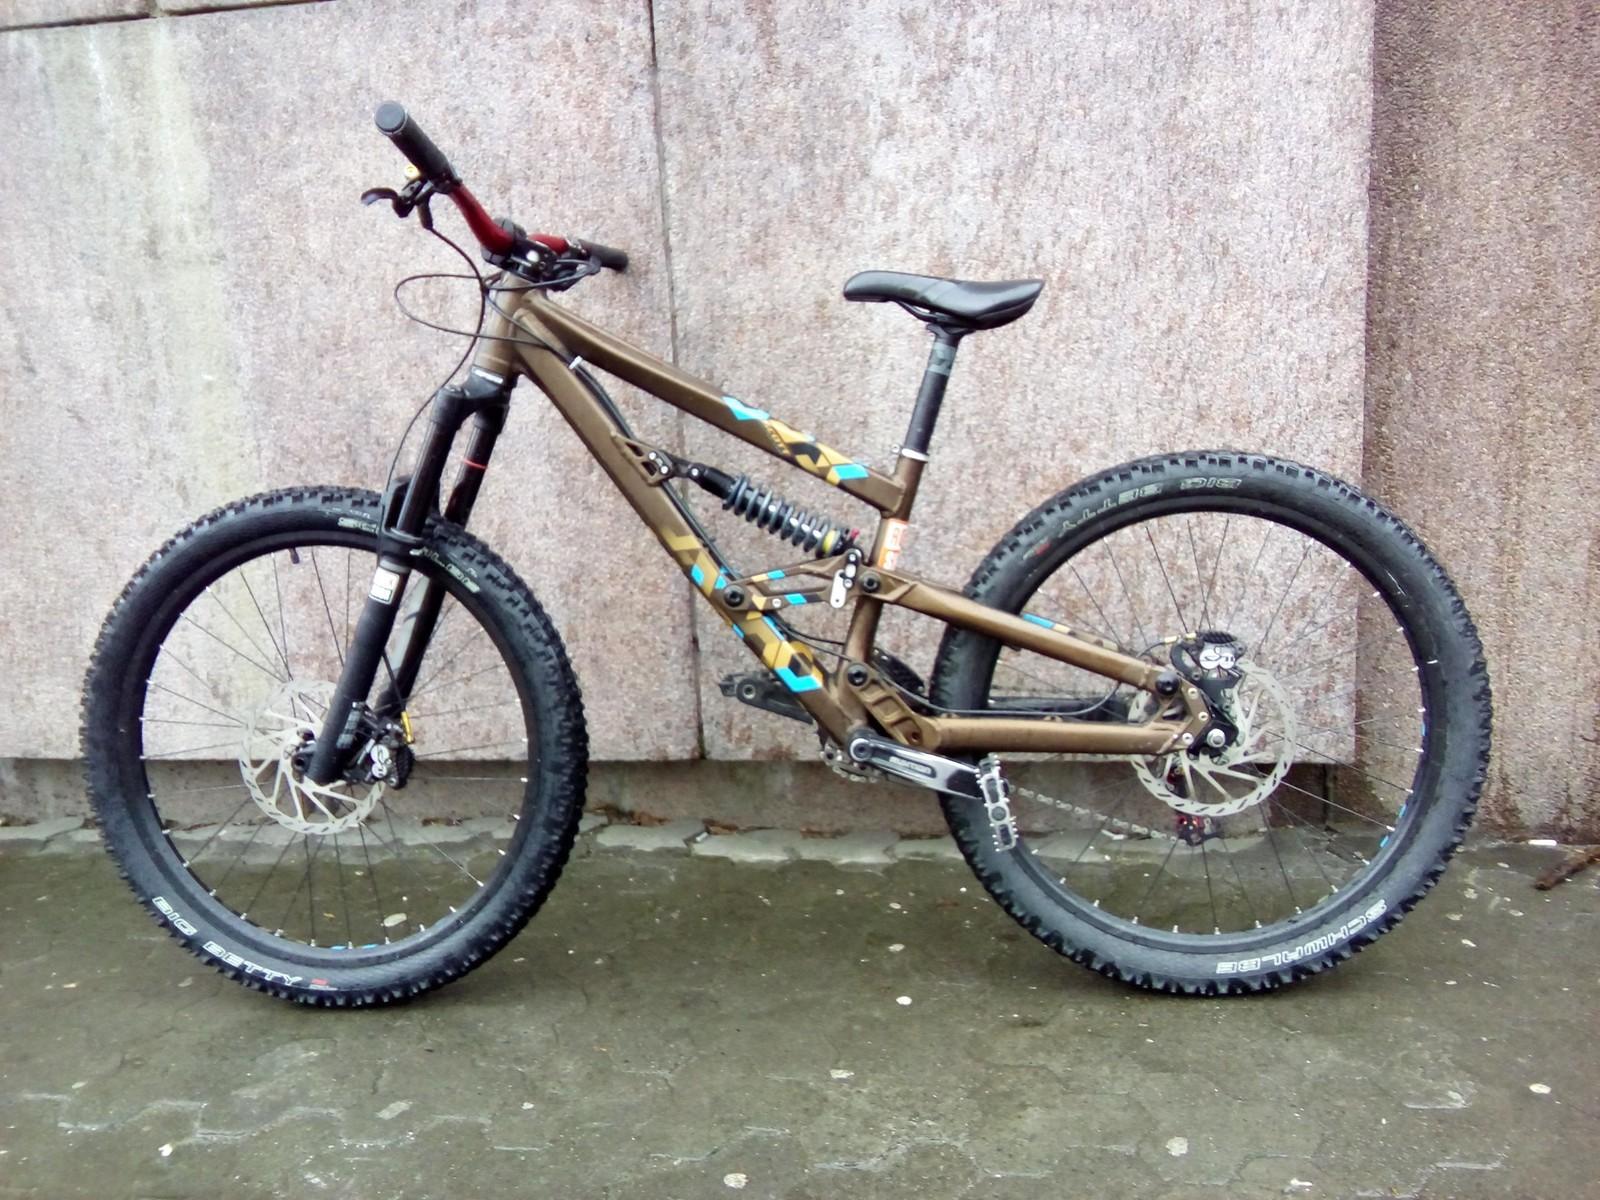 scott voltage fr 30 drake tg 39 s bike check vital mtb. Black Bedroom Furniture Sets. Home Design Ideas